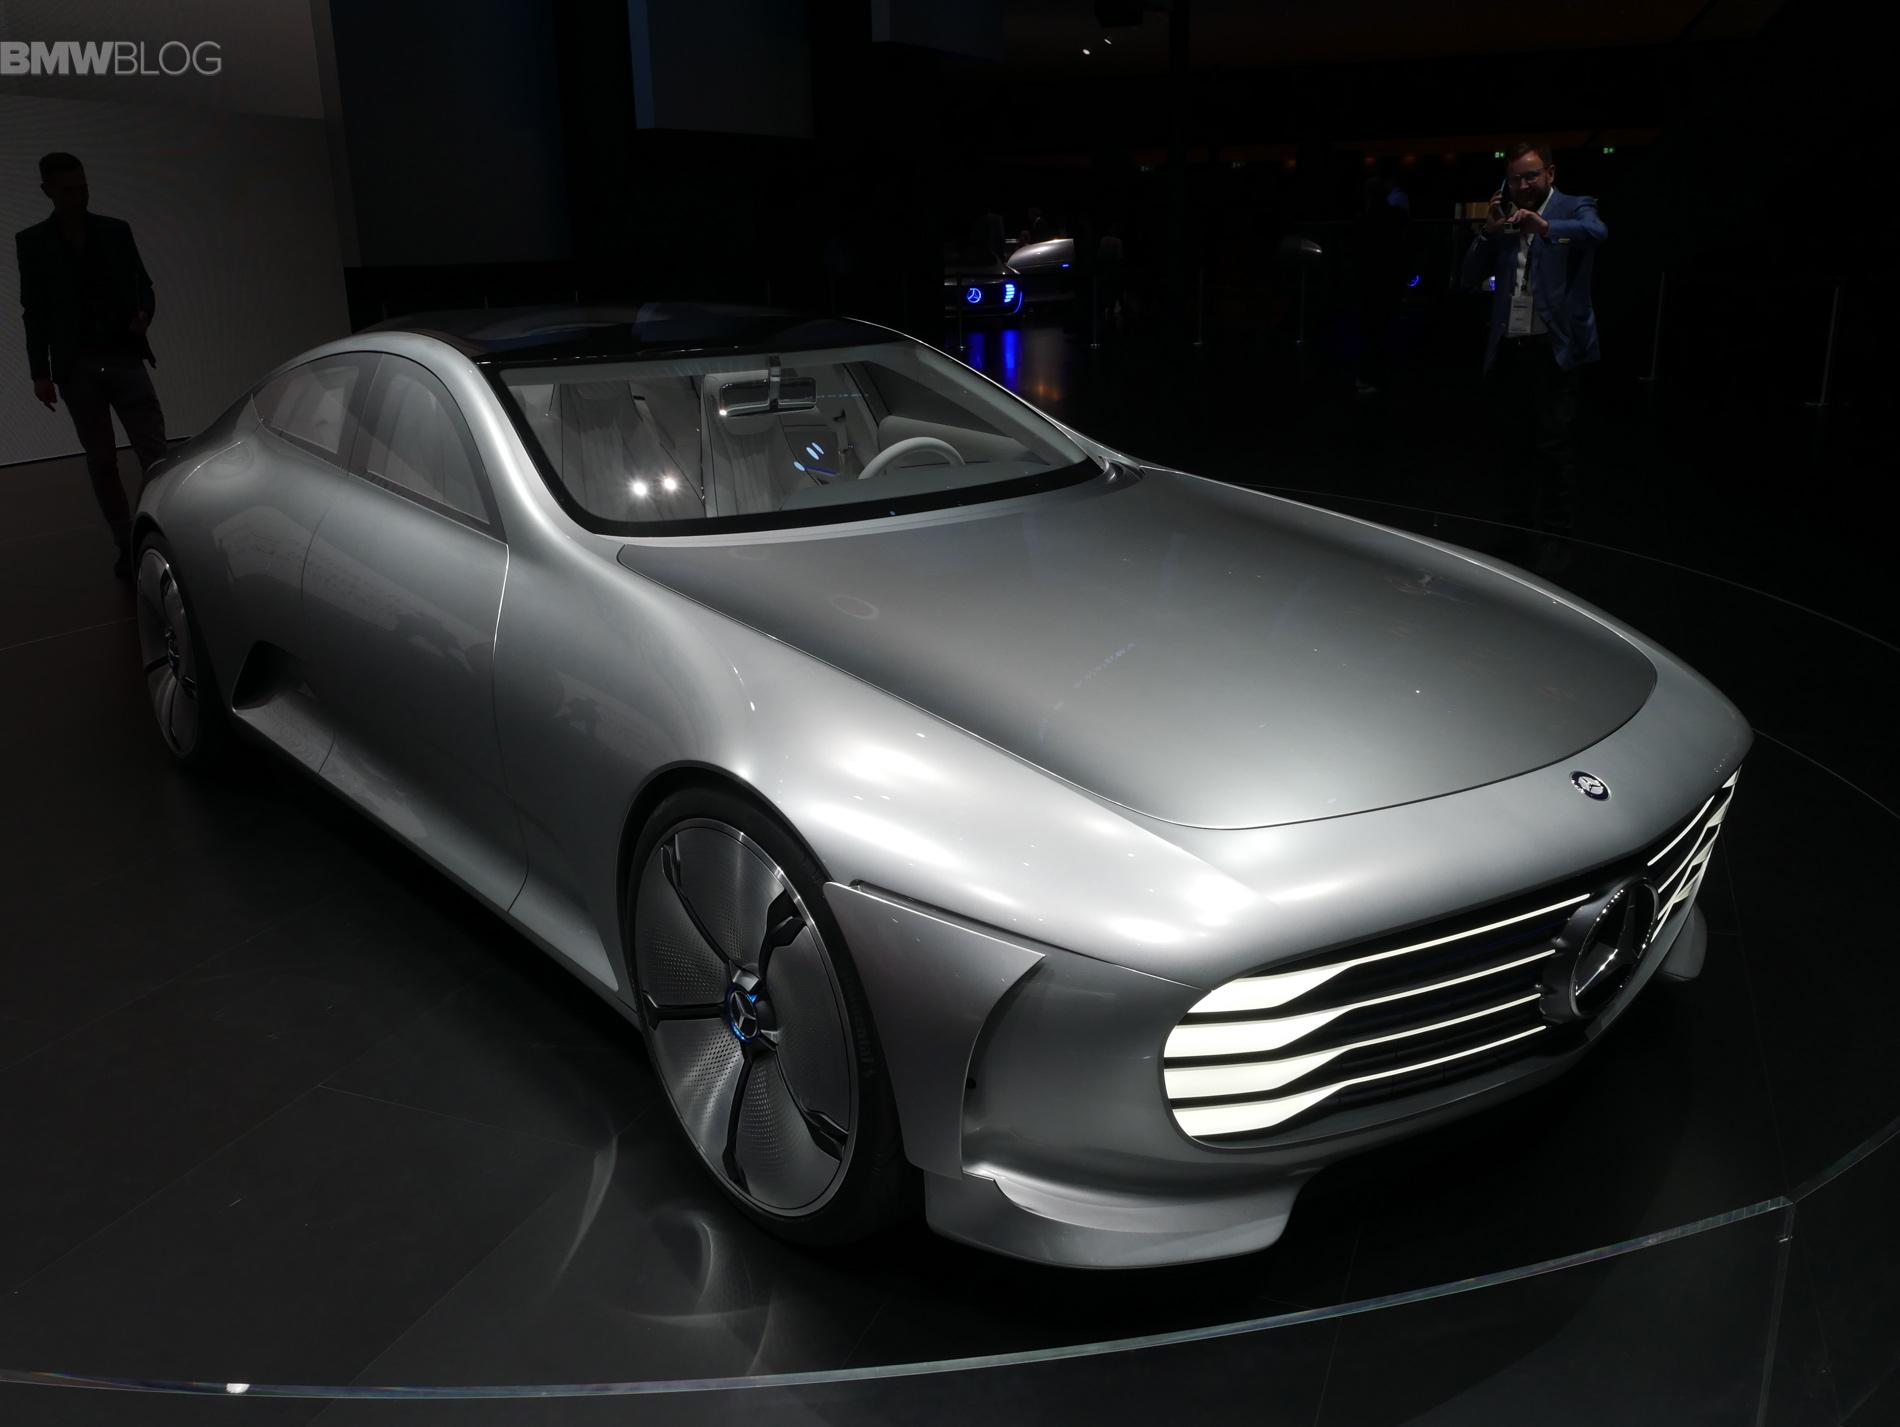 Mercedes Benz Concept IAA images 04